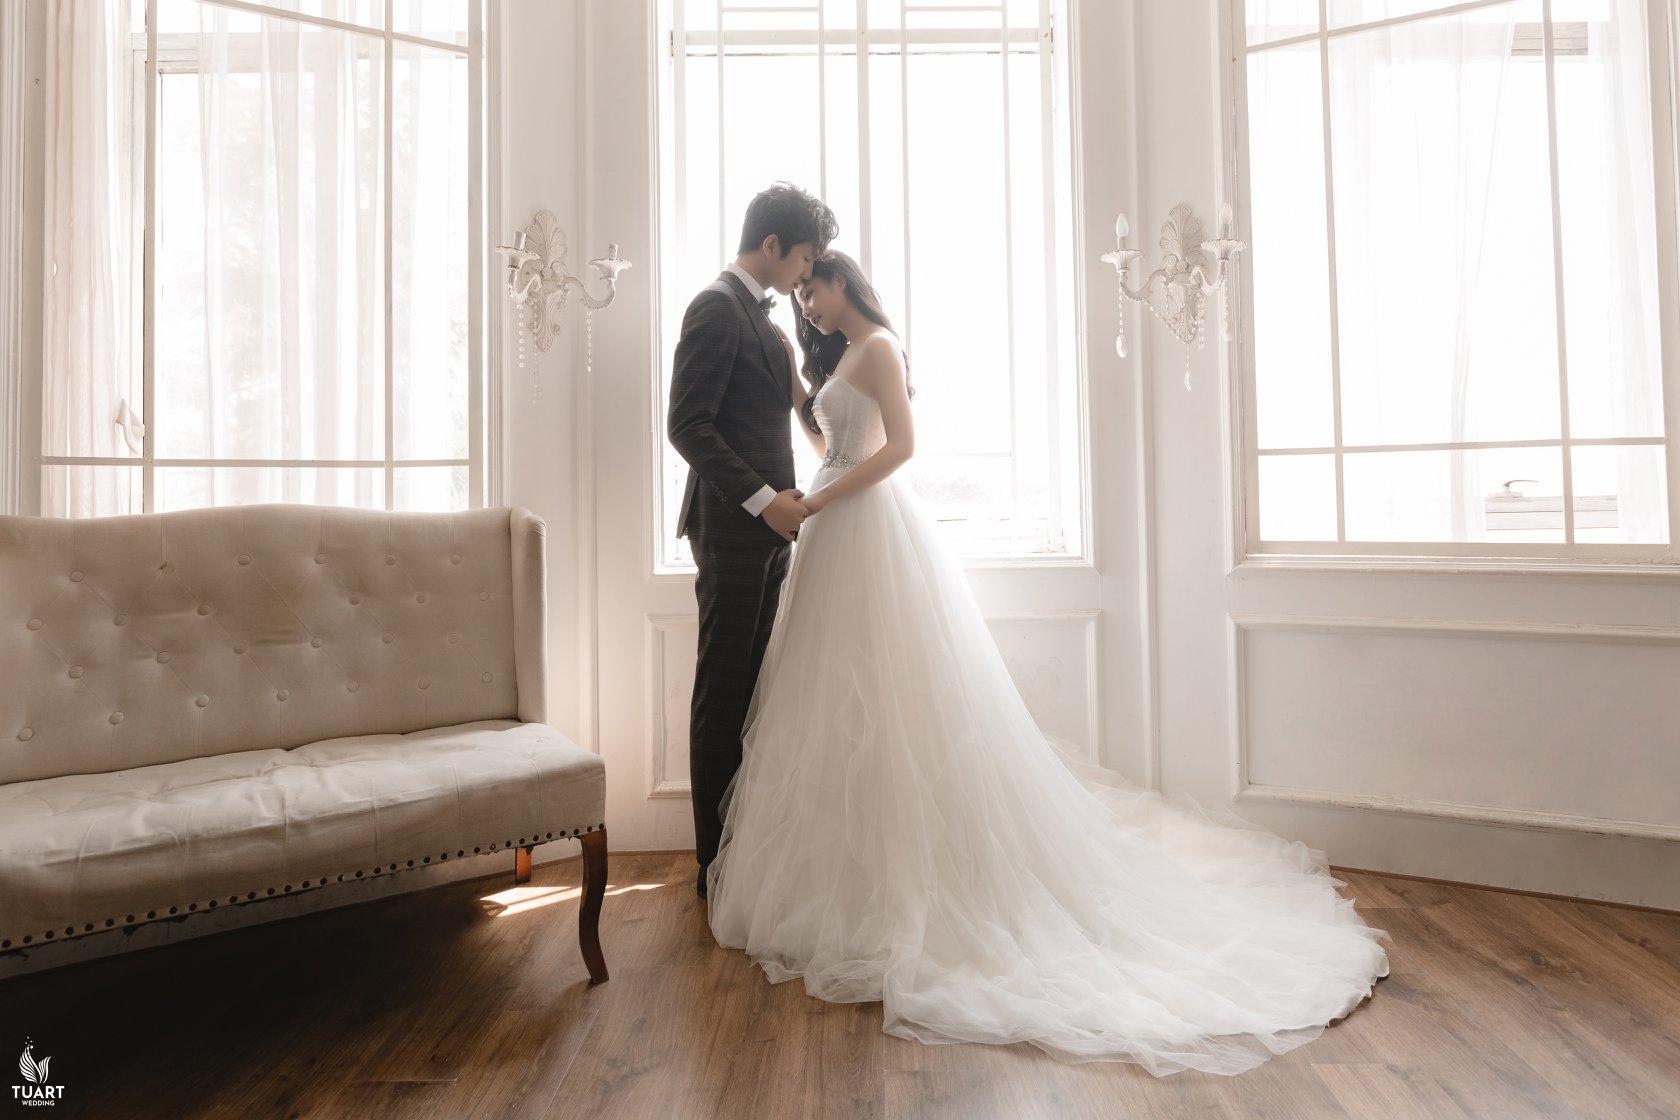 Album tại TuArt - Album chụp ảnh cưới đẹp phong cách Hàn Quốc 27